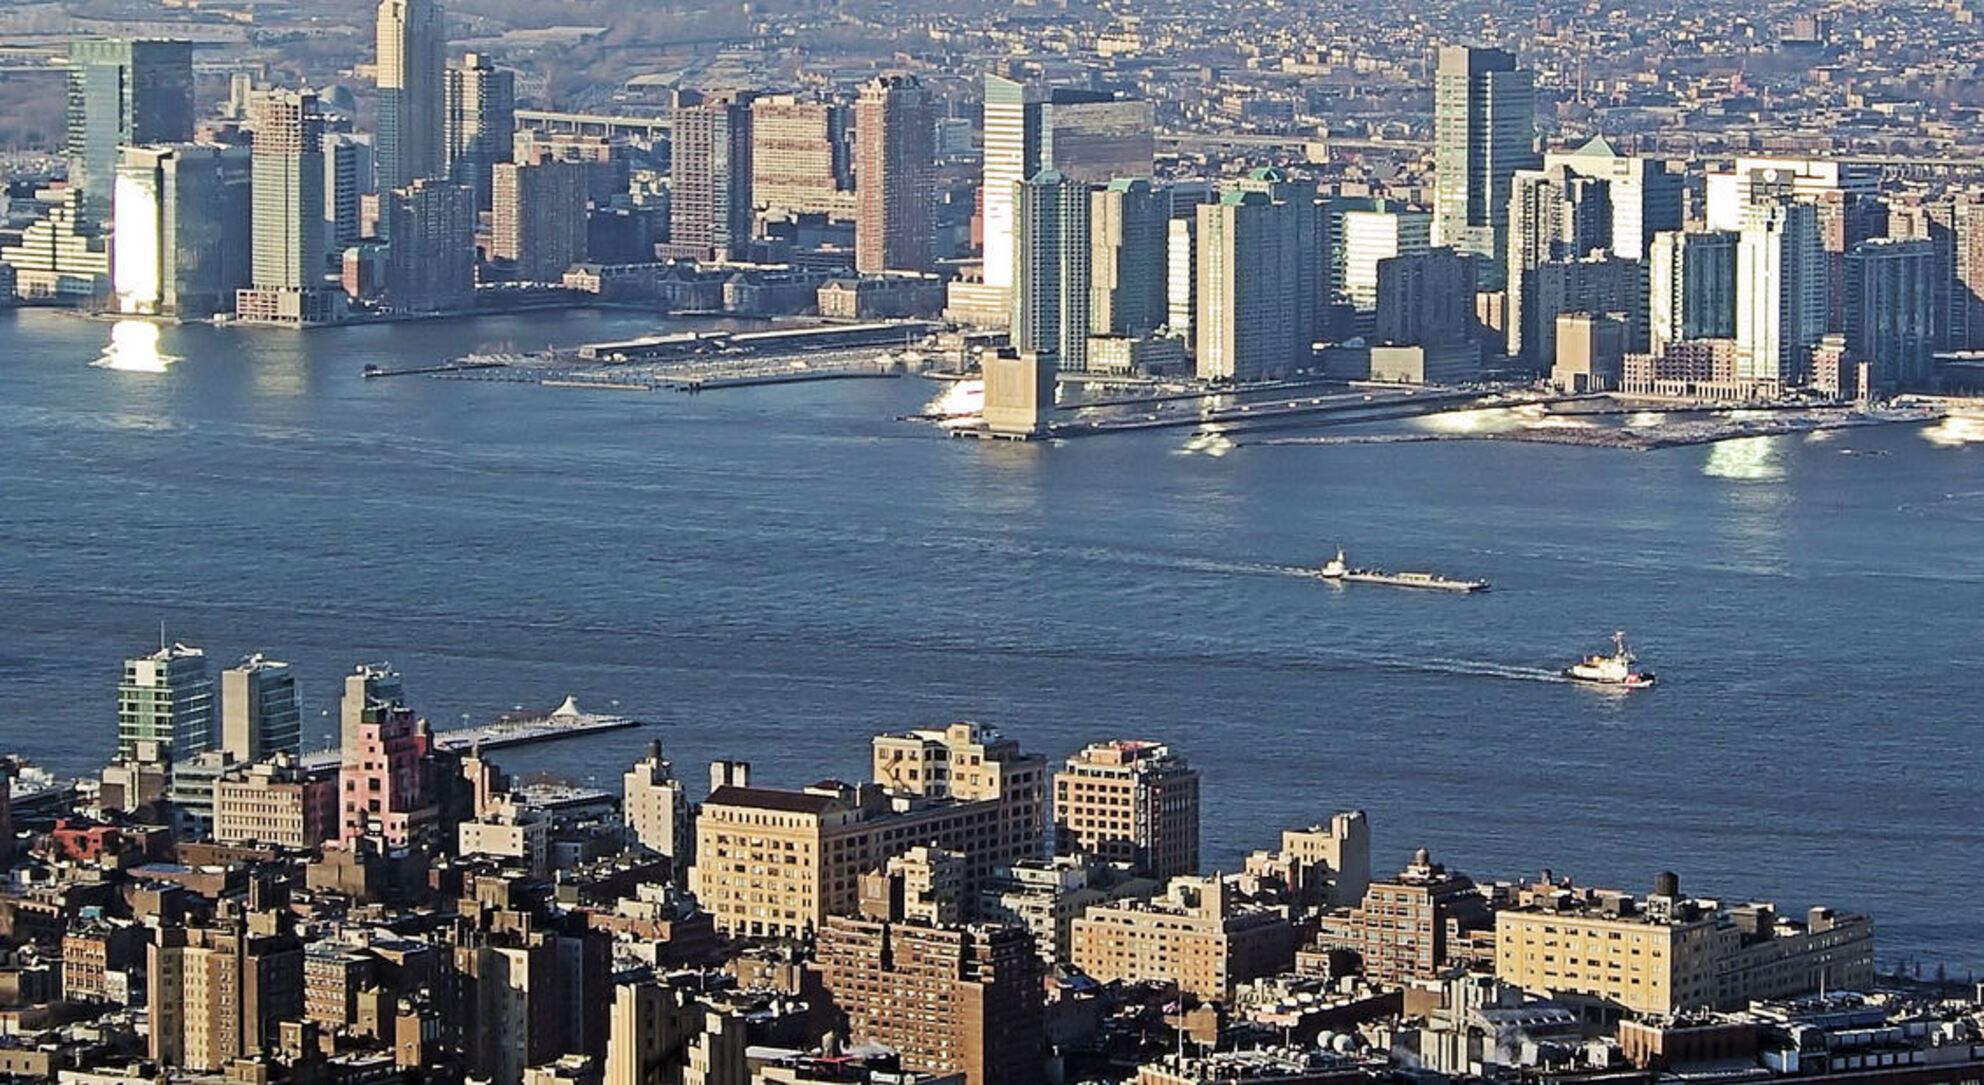 De Hudson rivier - Vanaf het Empire State Building hebben wij deze foto genomen. Je hebt daar een uitzicht van jewelste op de 86e verdieping. Ogen te kort. - foto door Henkes62 op 11-08-2009 - deze foto bevat: rivier, hudson, usa, New York